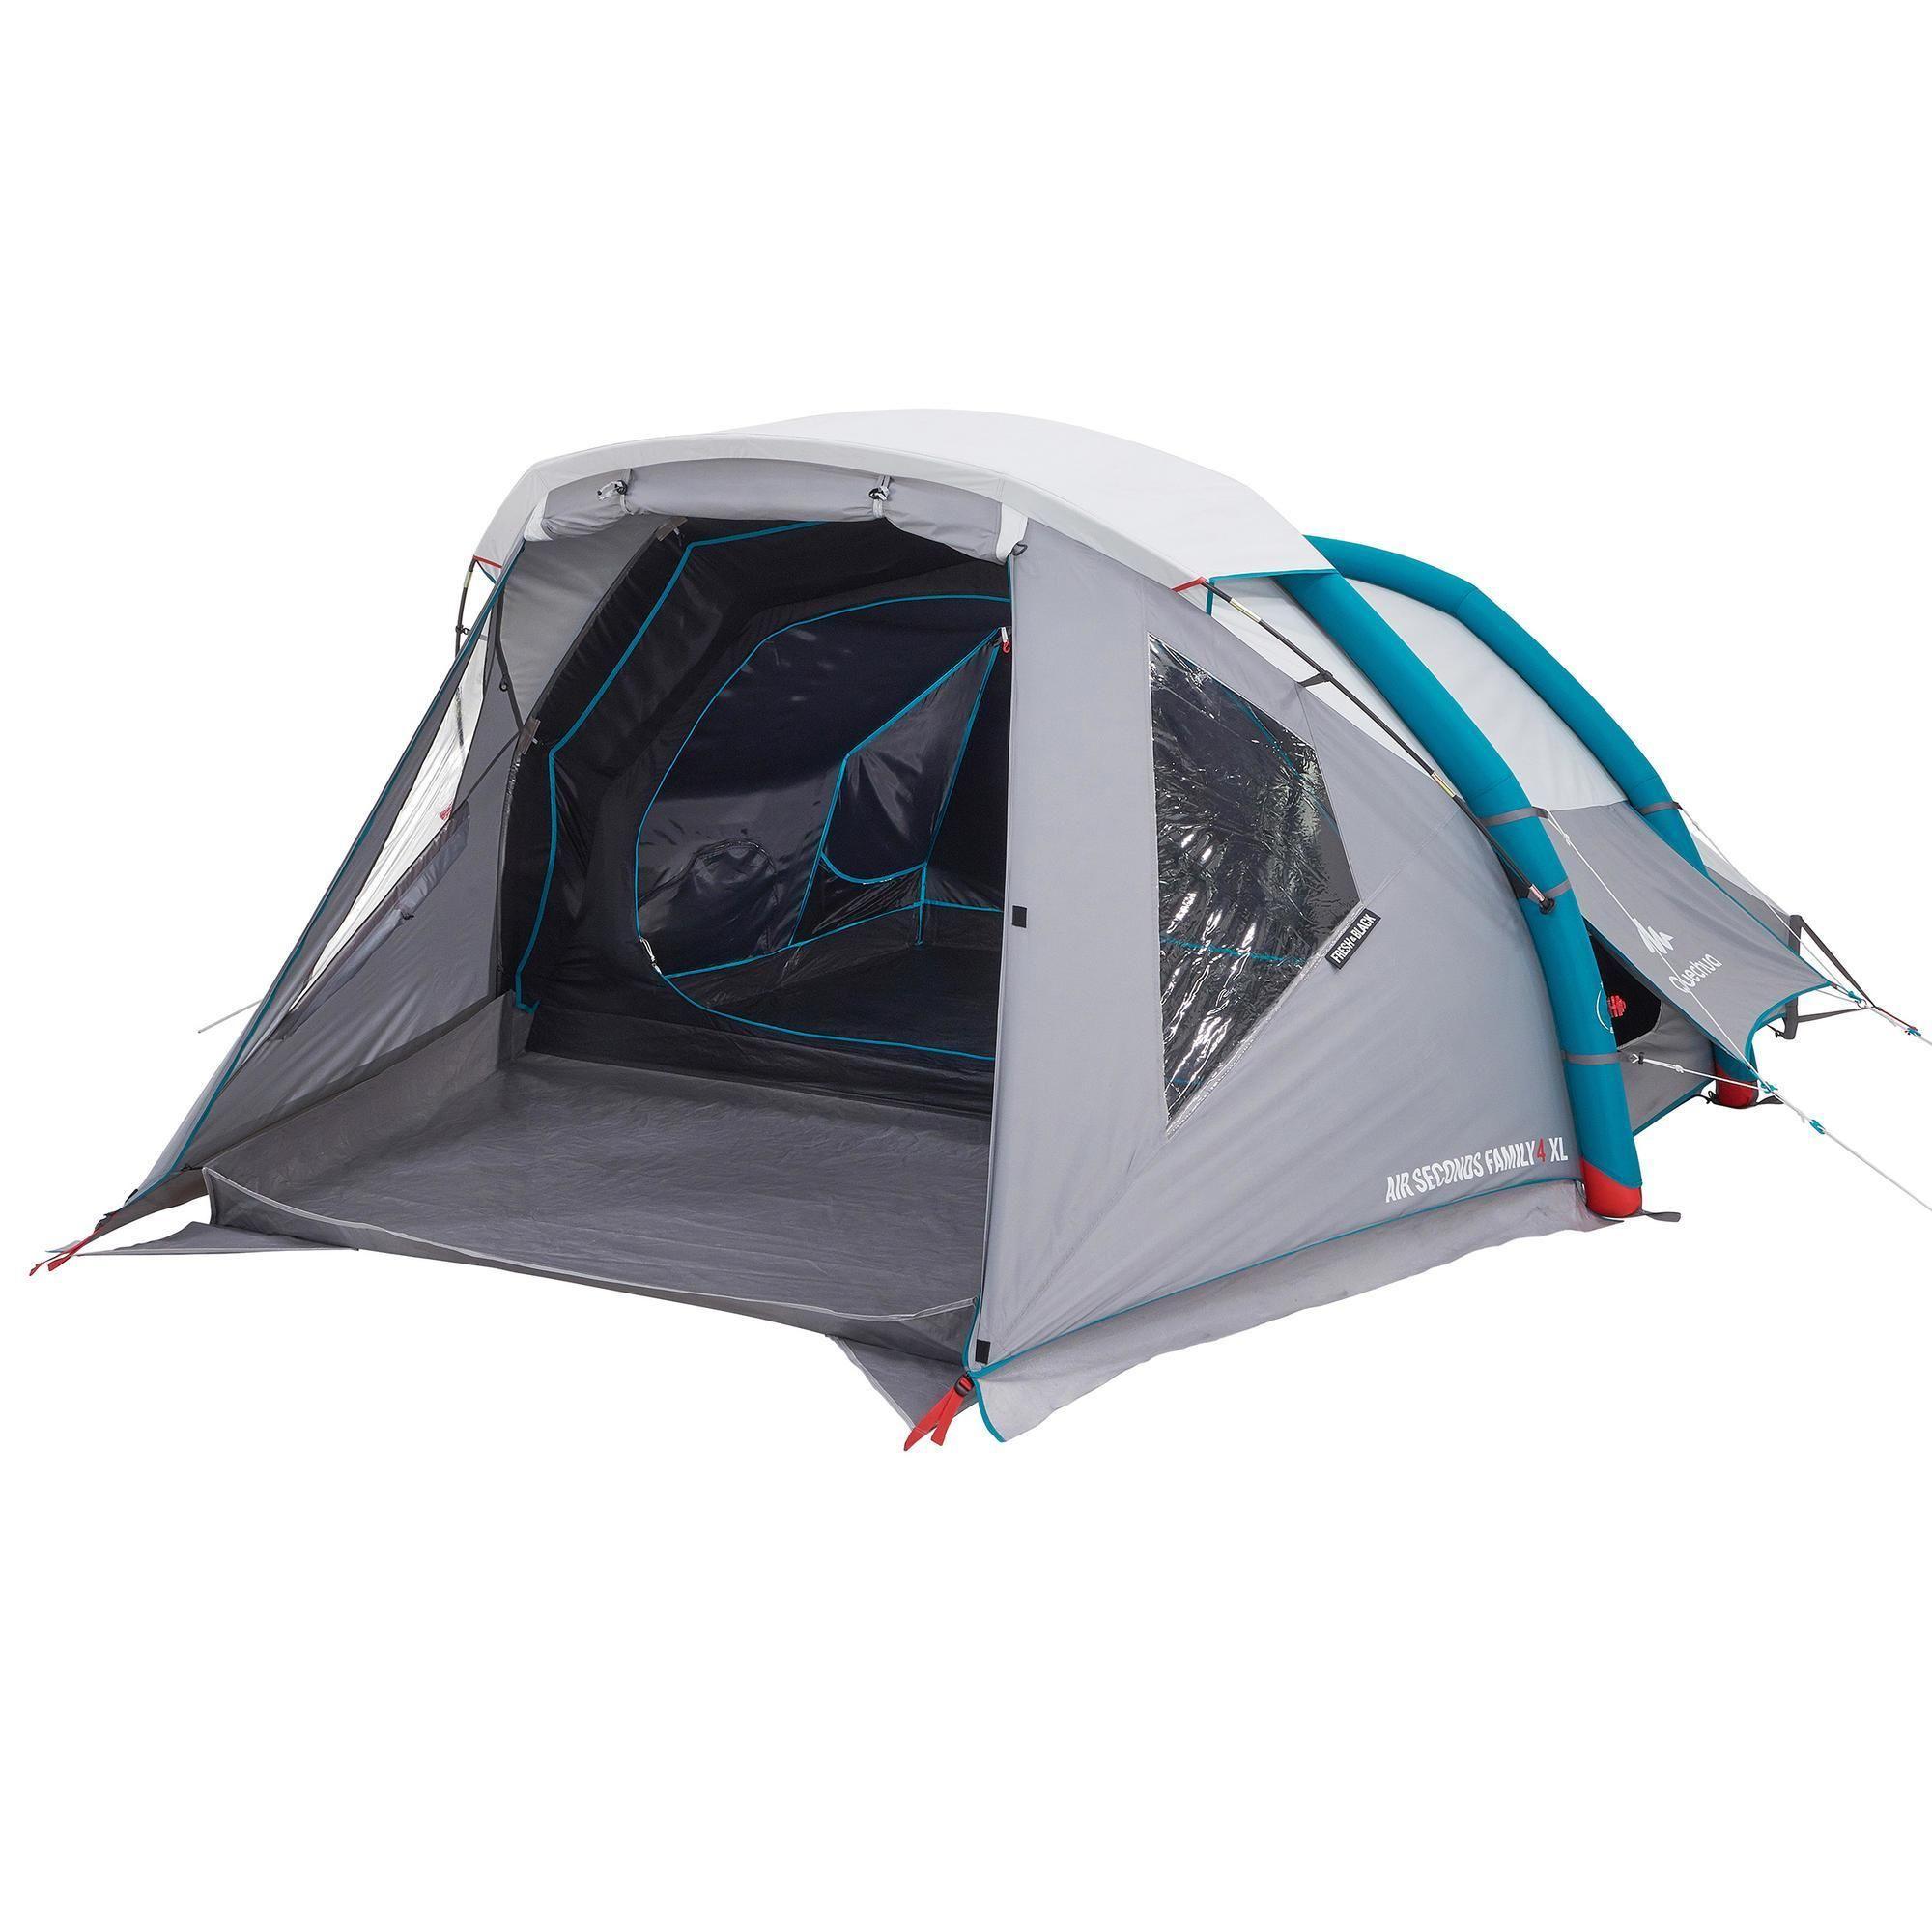 Tente De Camping Gonflable Air Seconds 4 Fresh Black 4 Personnes 1 Chambre Camping Tente Camping En Tente Tente Familiale